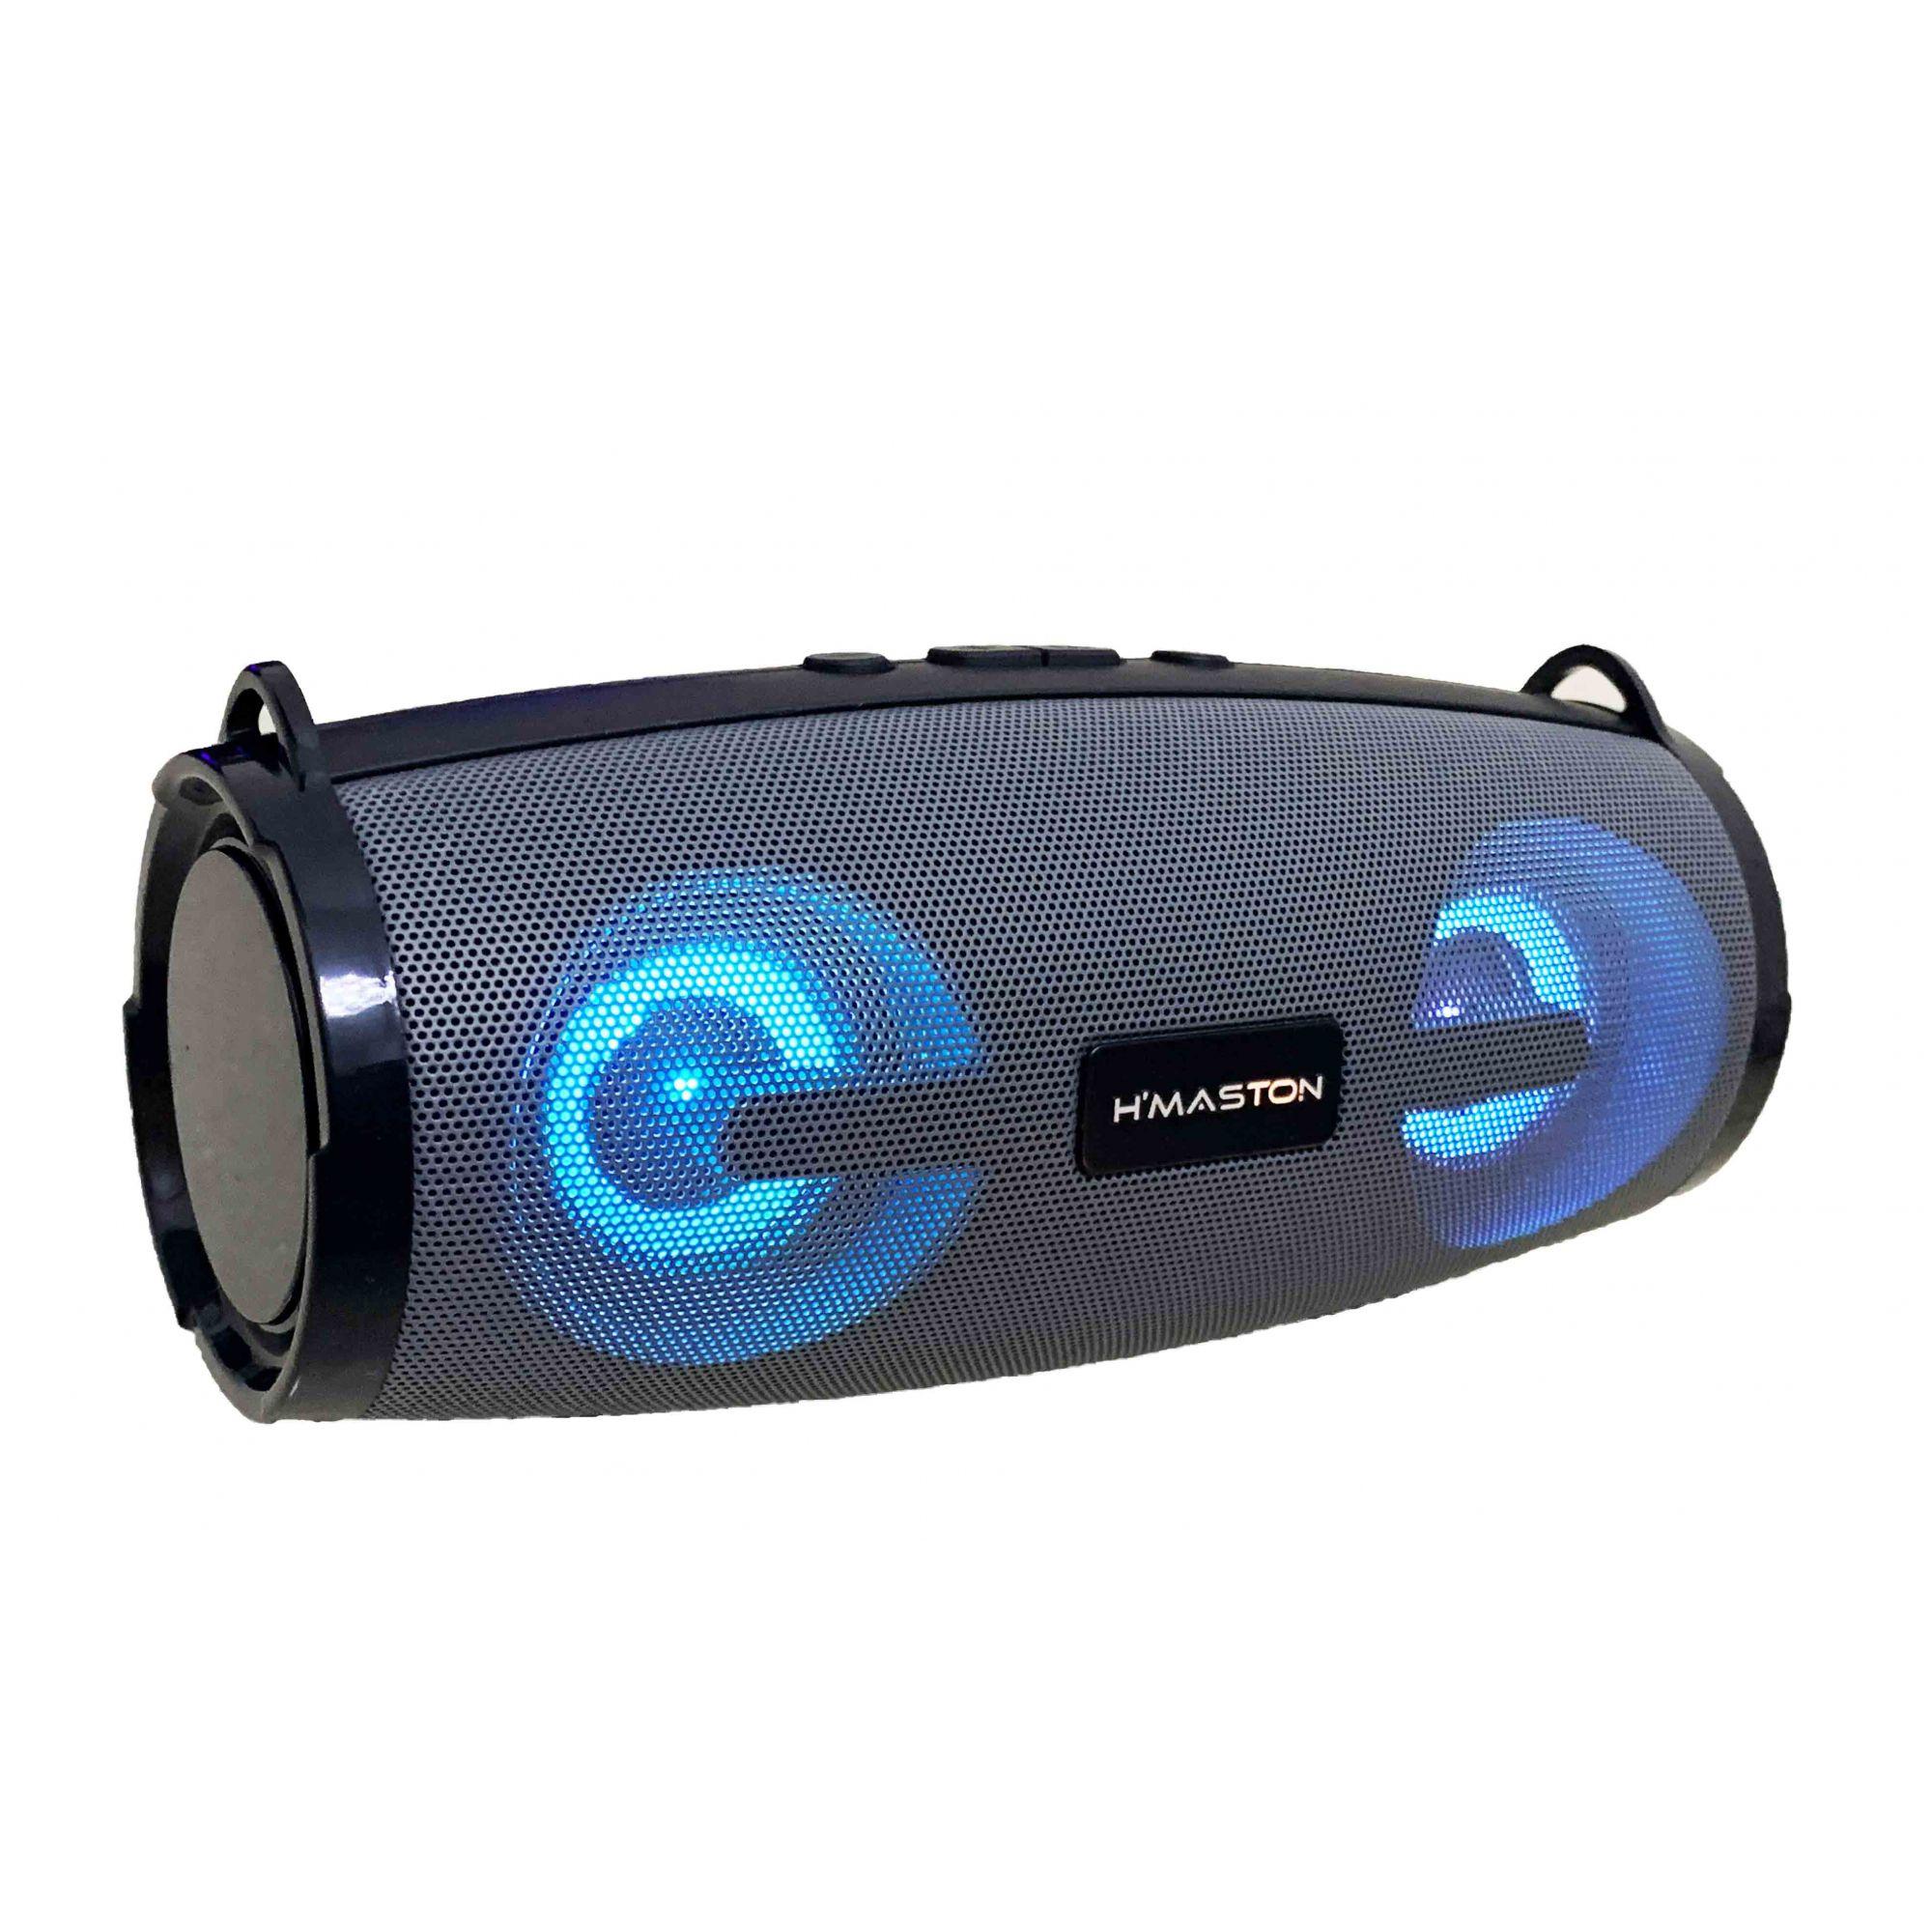 Caixa de som Bluetooth Original Hmaston Modelo YX-222